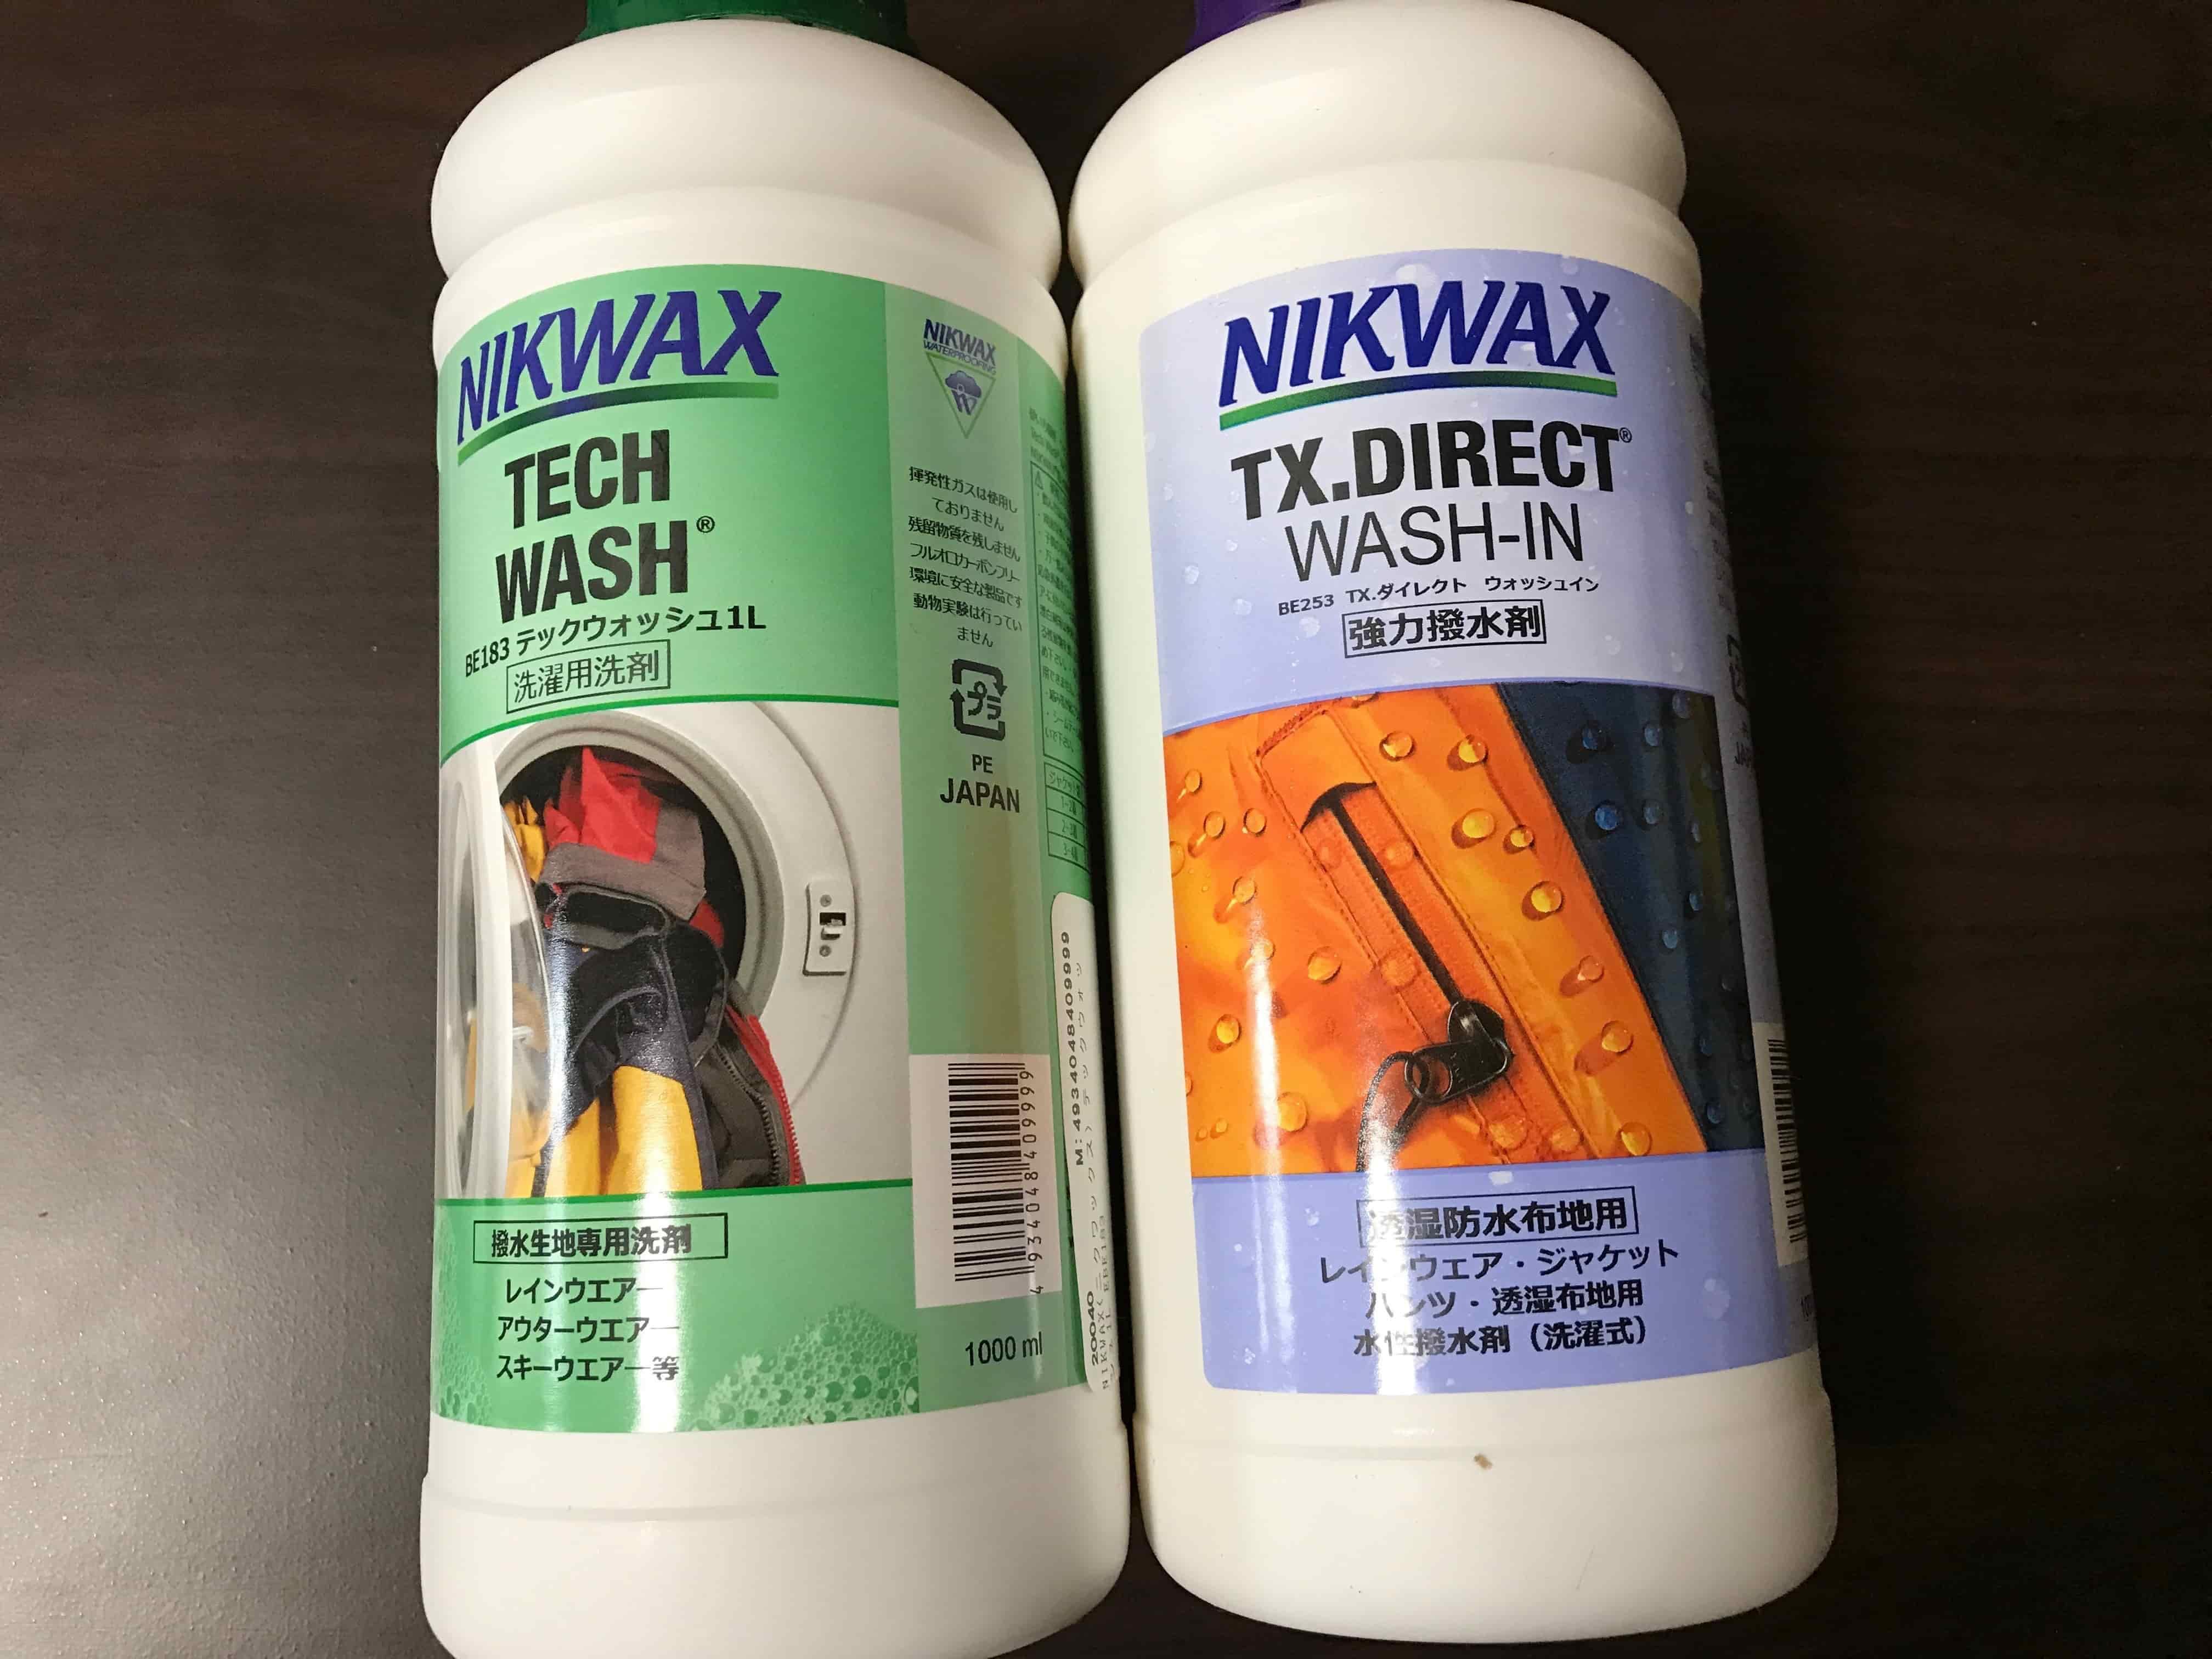 レインウエアの撥水力復活と撥水性の付加。ニクワックス(NIKWAX)の使い方と効果